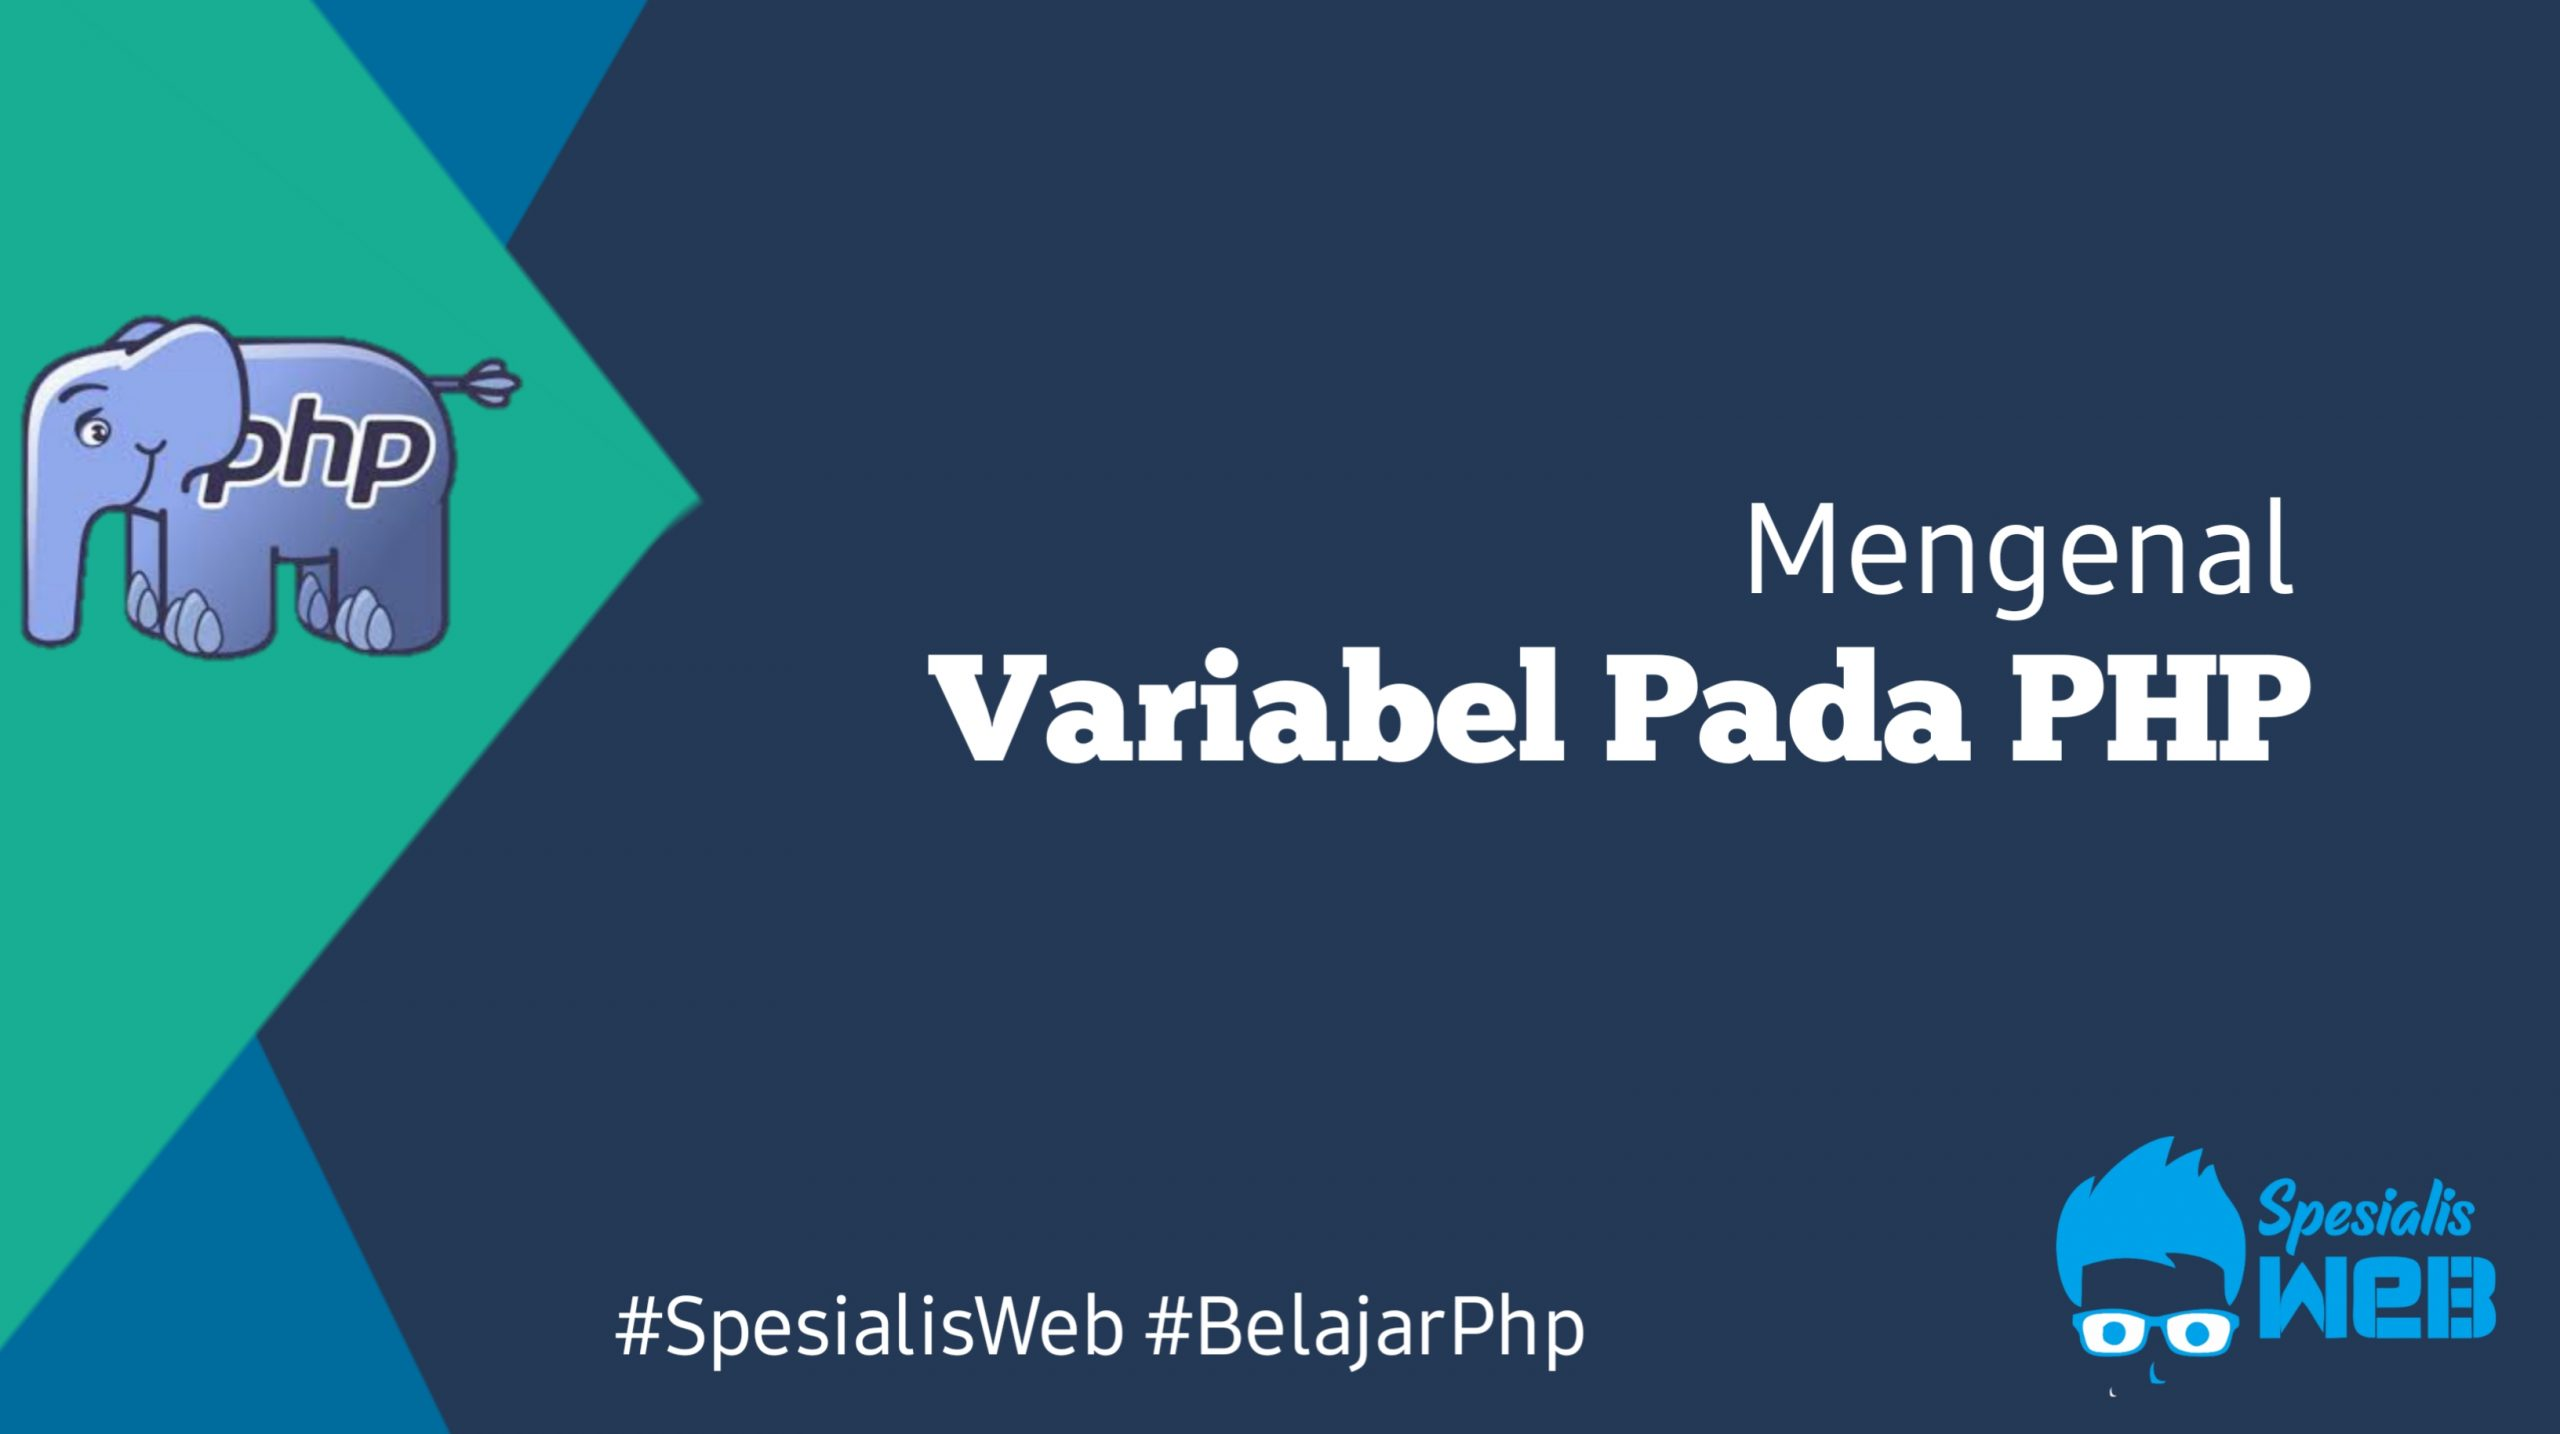 Mengenal Variabel Pada PHP